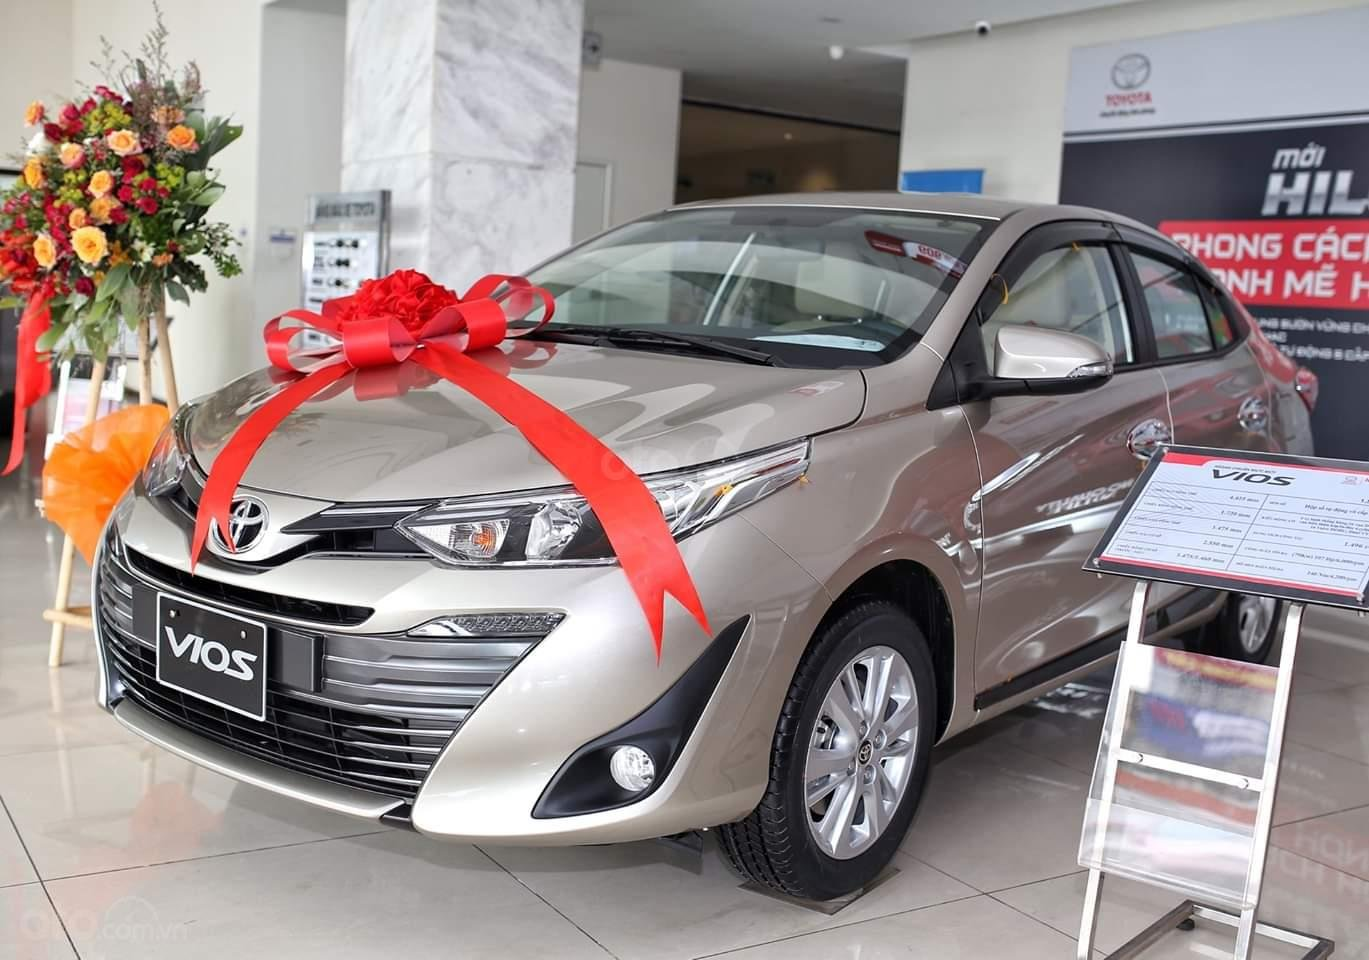 Toyota Vios bản G + E + E MT, giá cực tốt, giao xe ngay, hỗ trợ trả góp đến 85% giá trị xe (1)